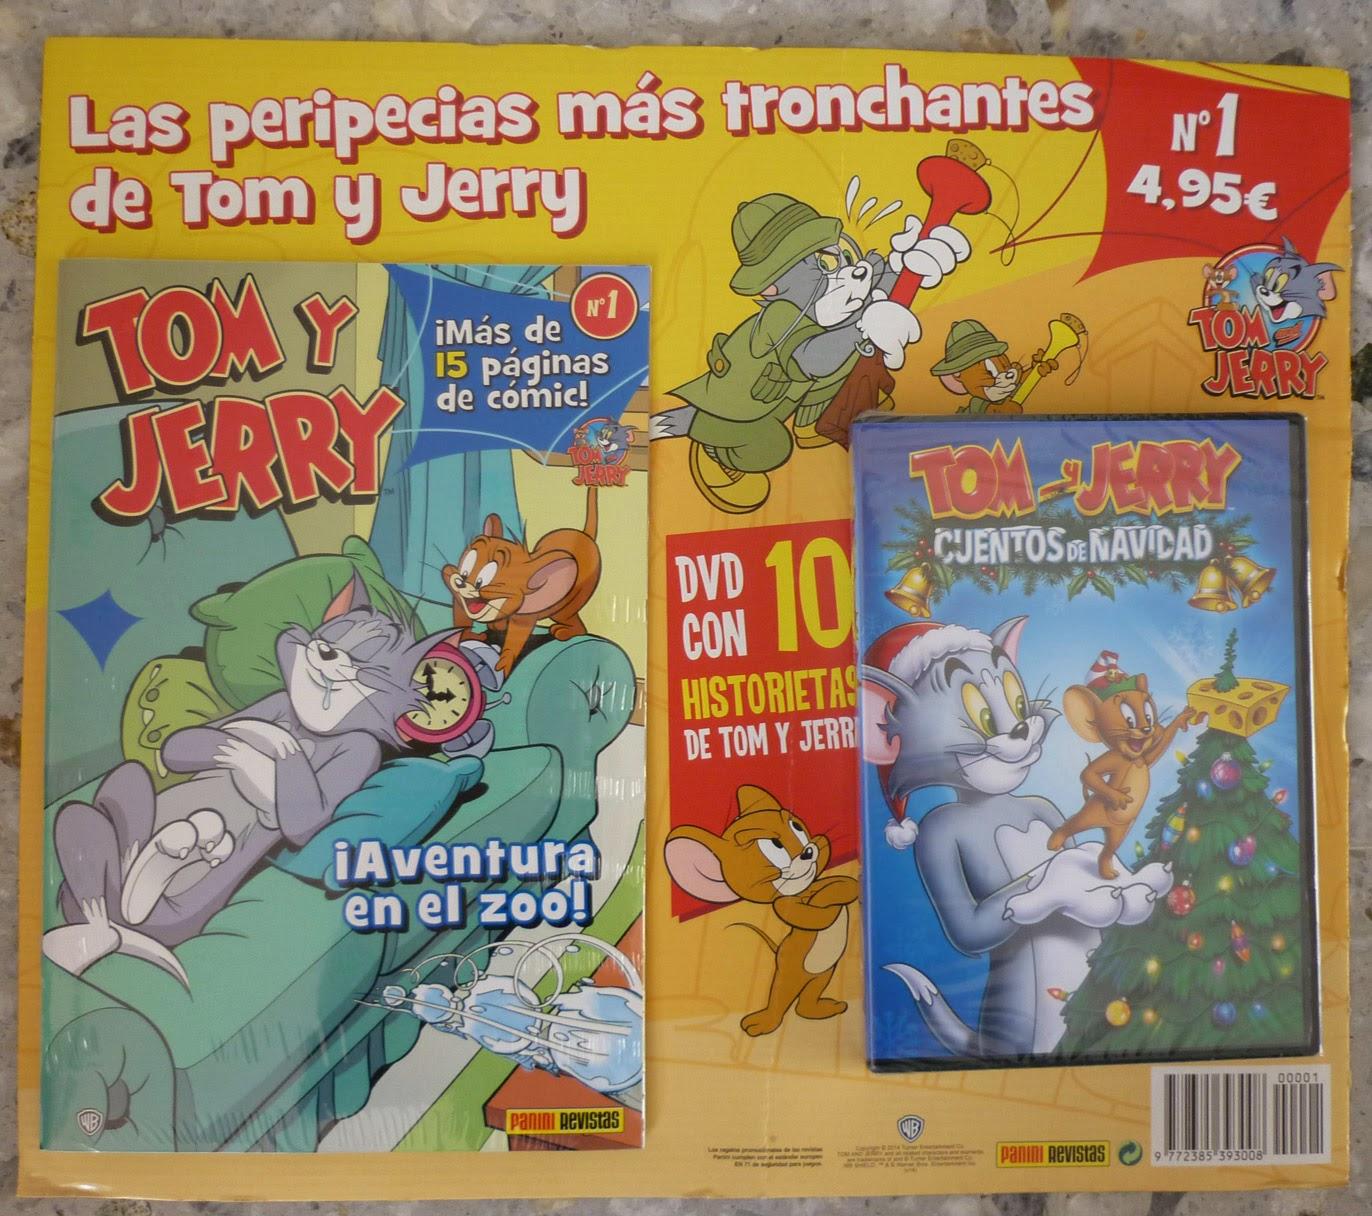 Tom y Jerry nº1 (Óscar Martín) (Panini Revistas) | Guía del Cómic